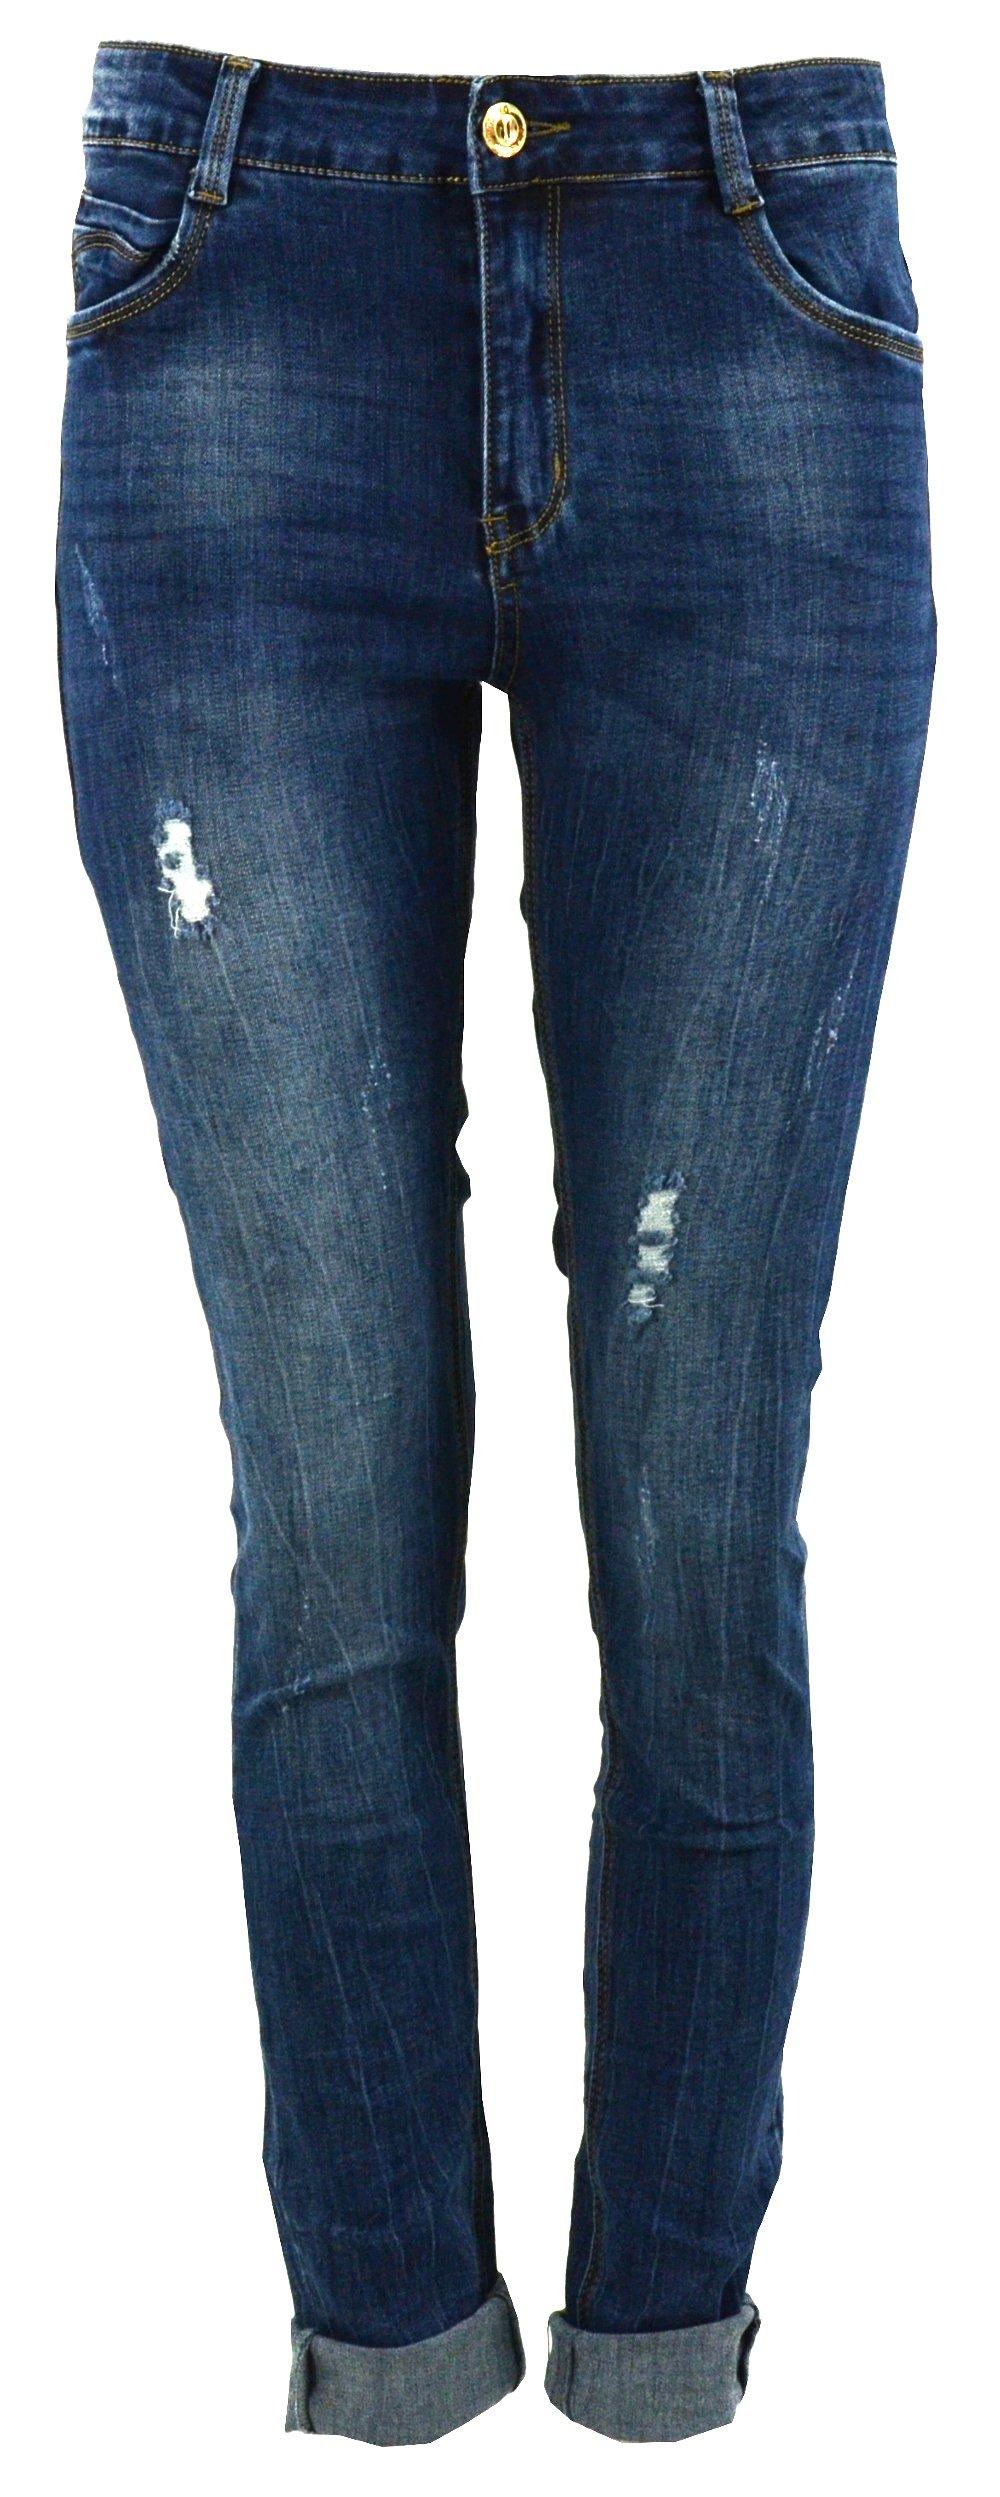 33ce0761f55004 Spodnie jeansowe damskie RURKI Z DZIURAMI- 34 - 7072748742 ...